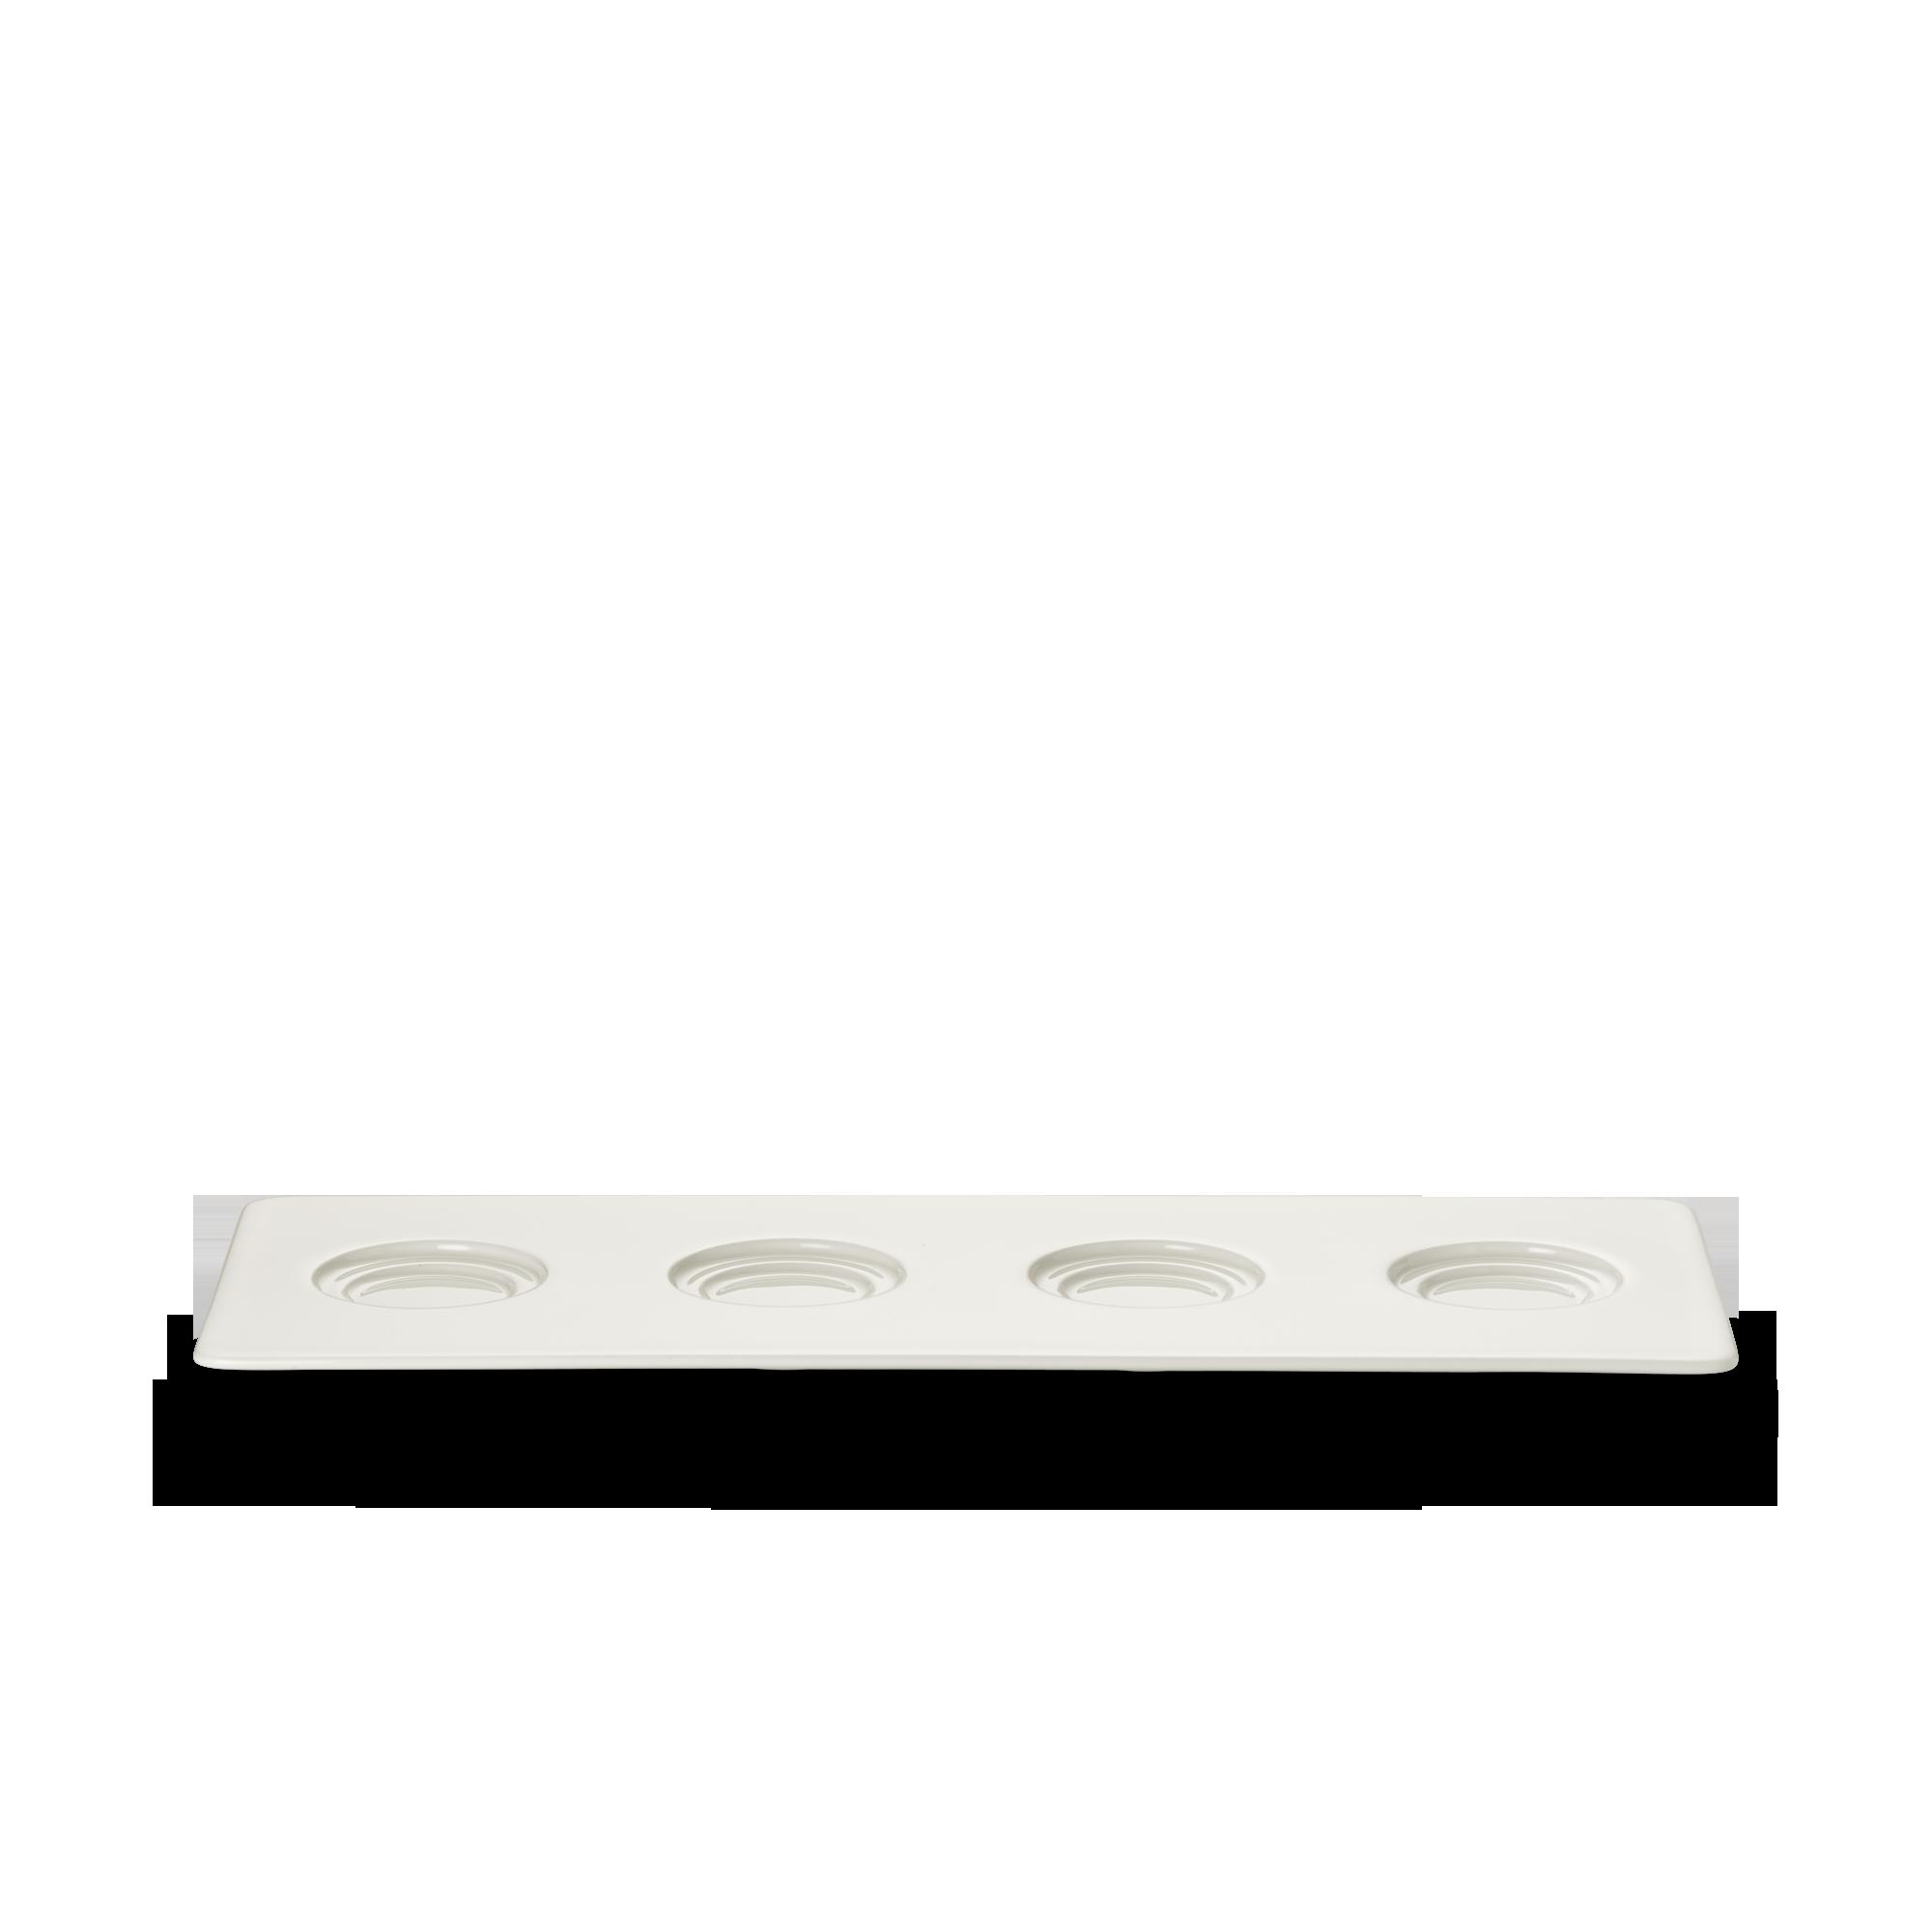 Tablett 13x34 cm 4 Spiegel Fine Bone China Konisch-Zylindrisch Weiss Dibbern